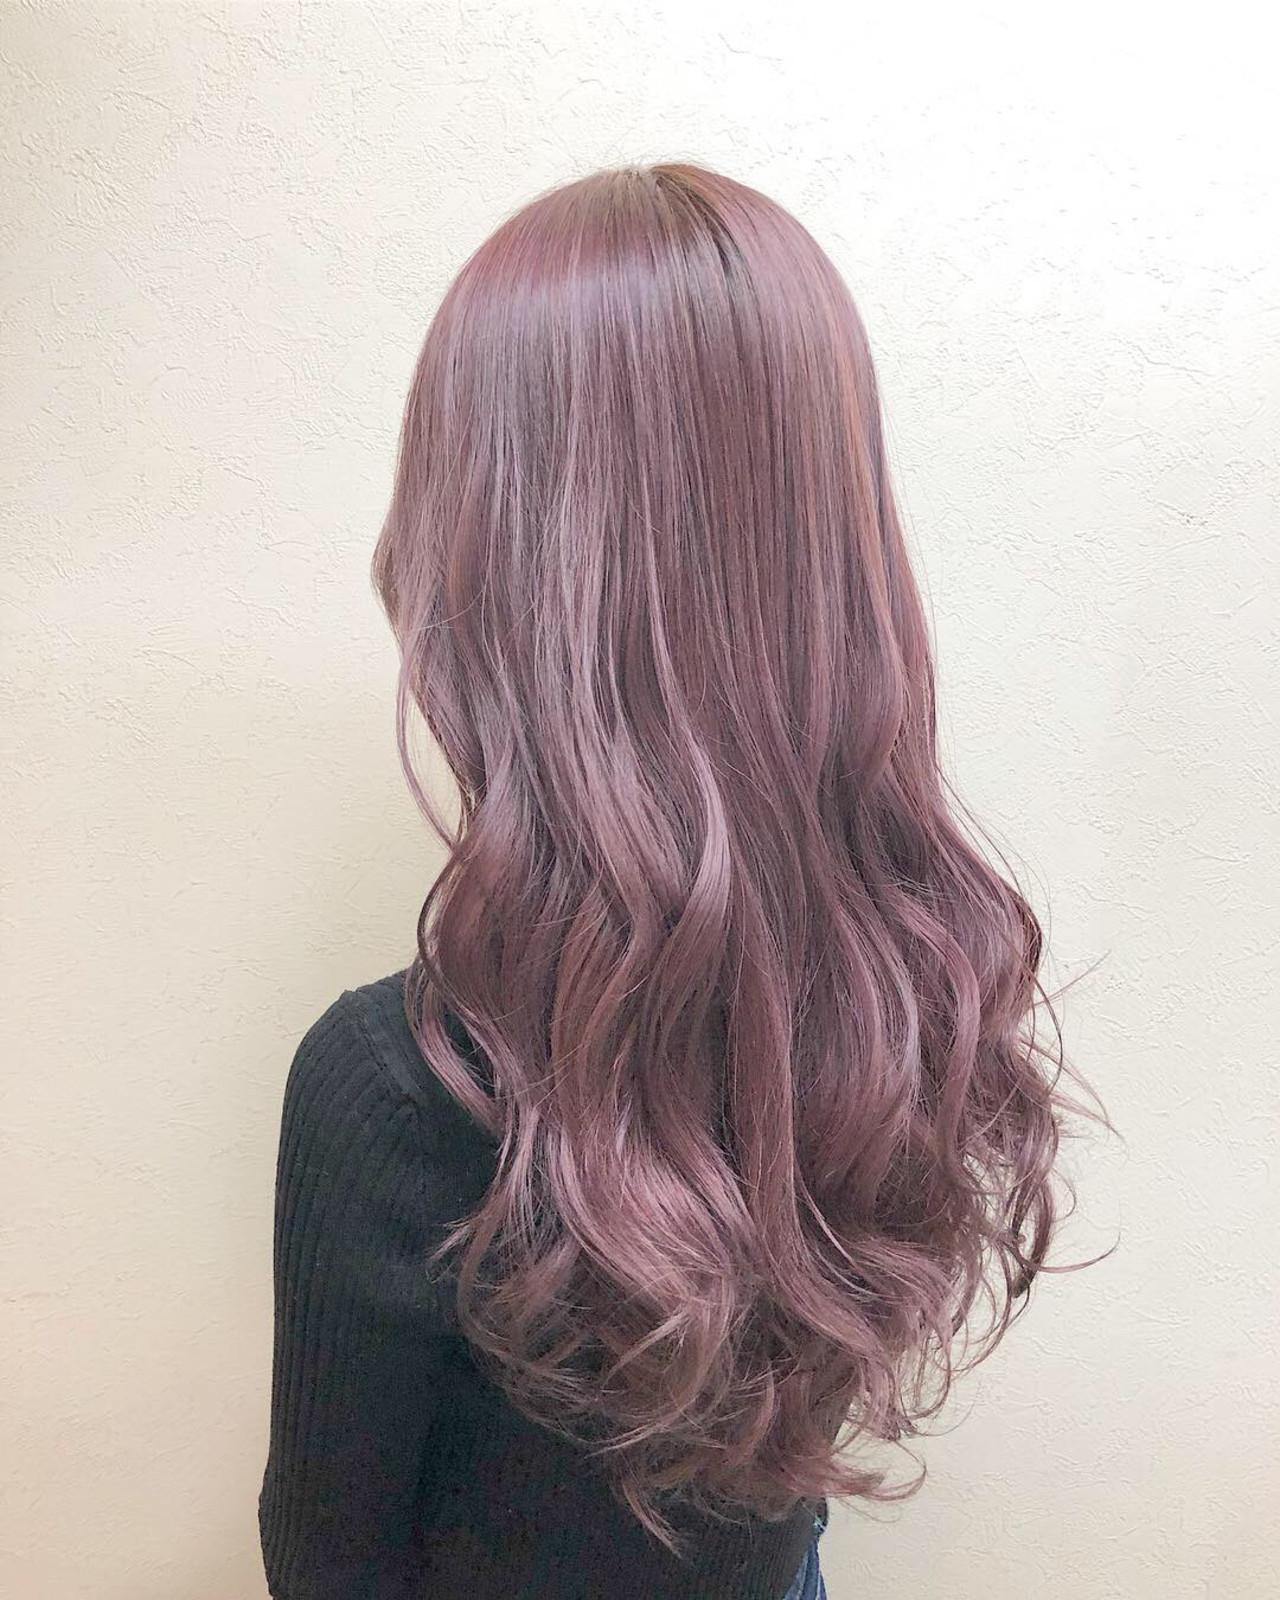 ピンクバイオレットのツヤ髪ロング ヤマグチ ヒカル